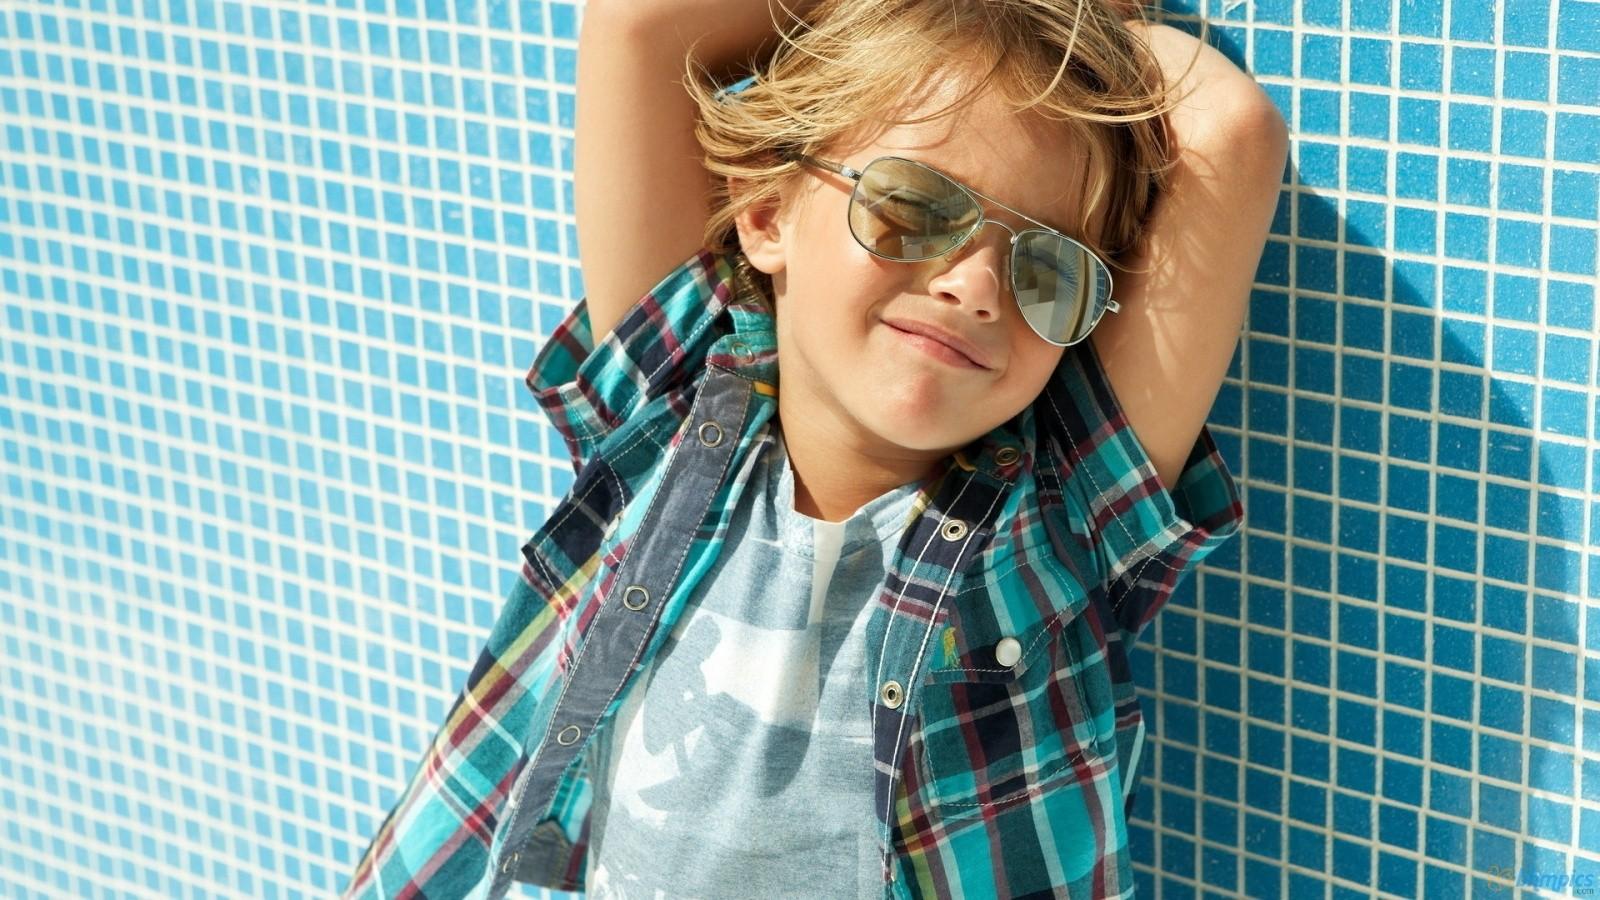 Super Stylish Boy Hd Wallpaper Cute Little Babies